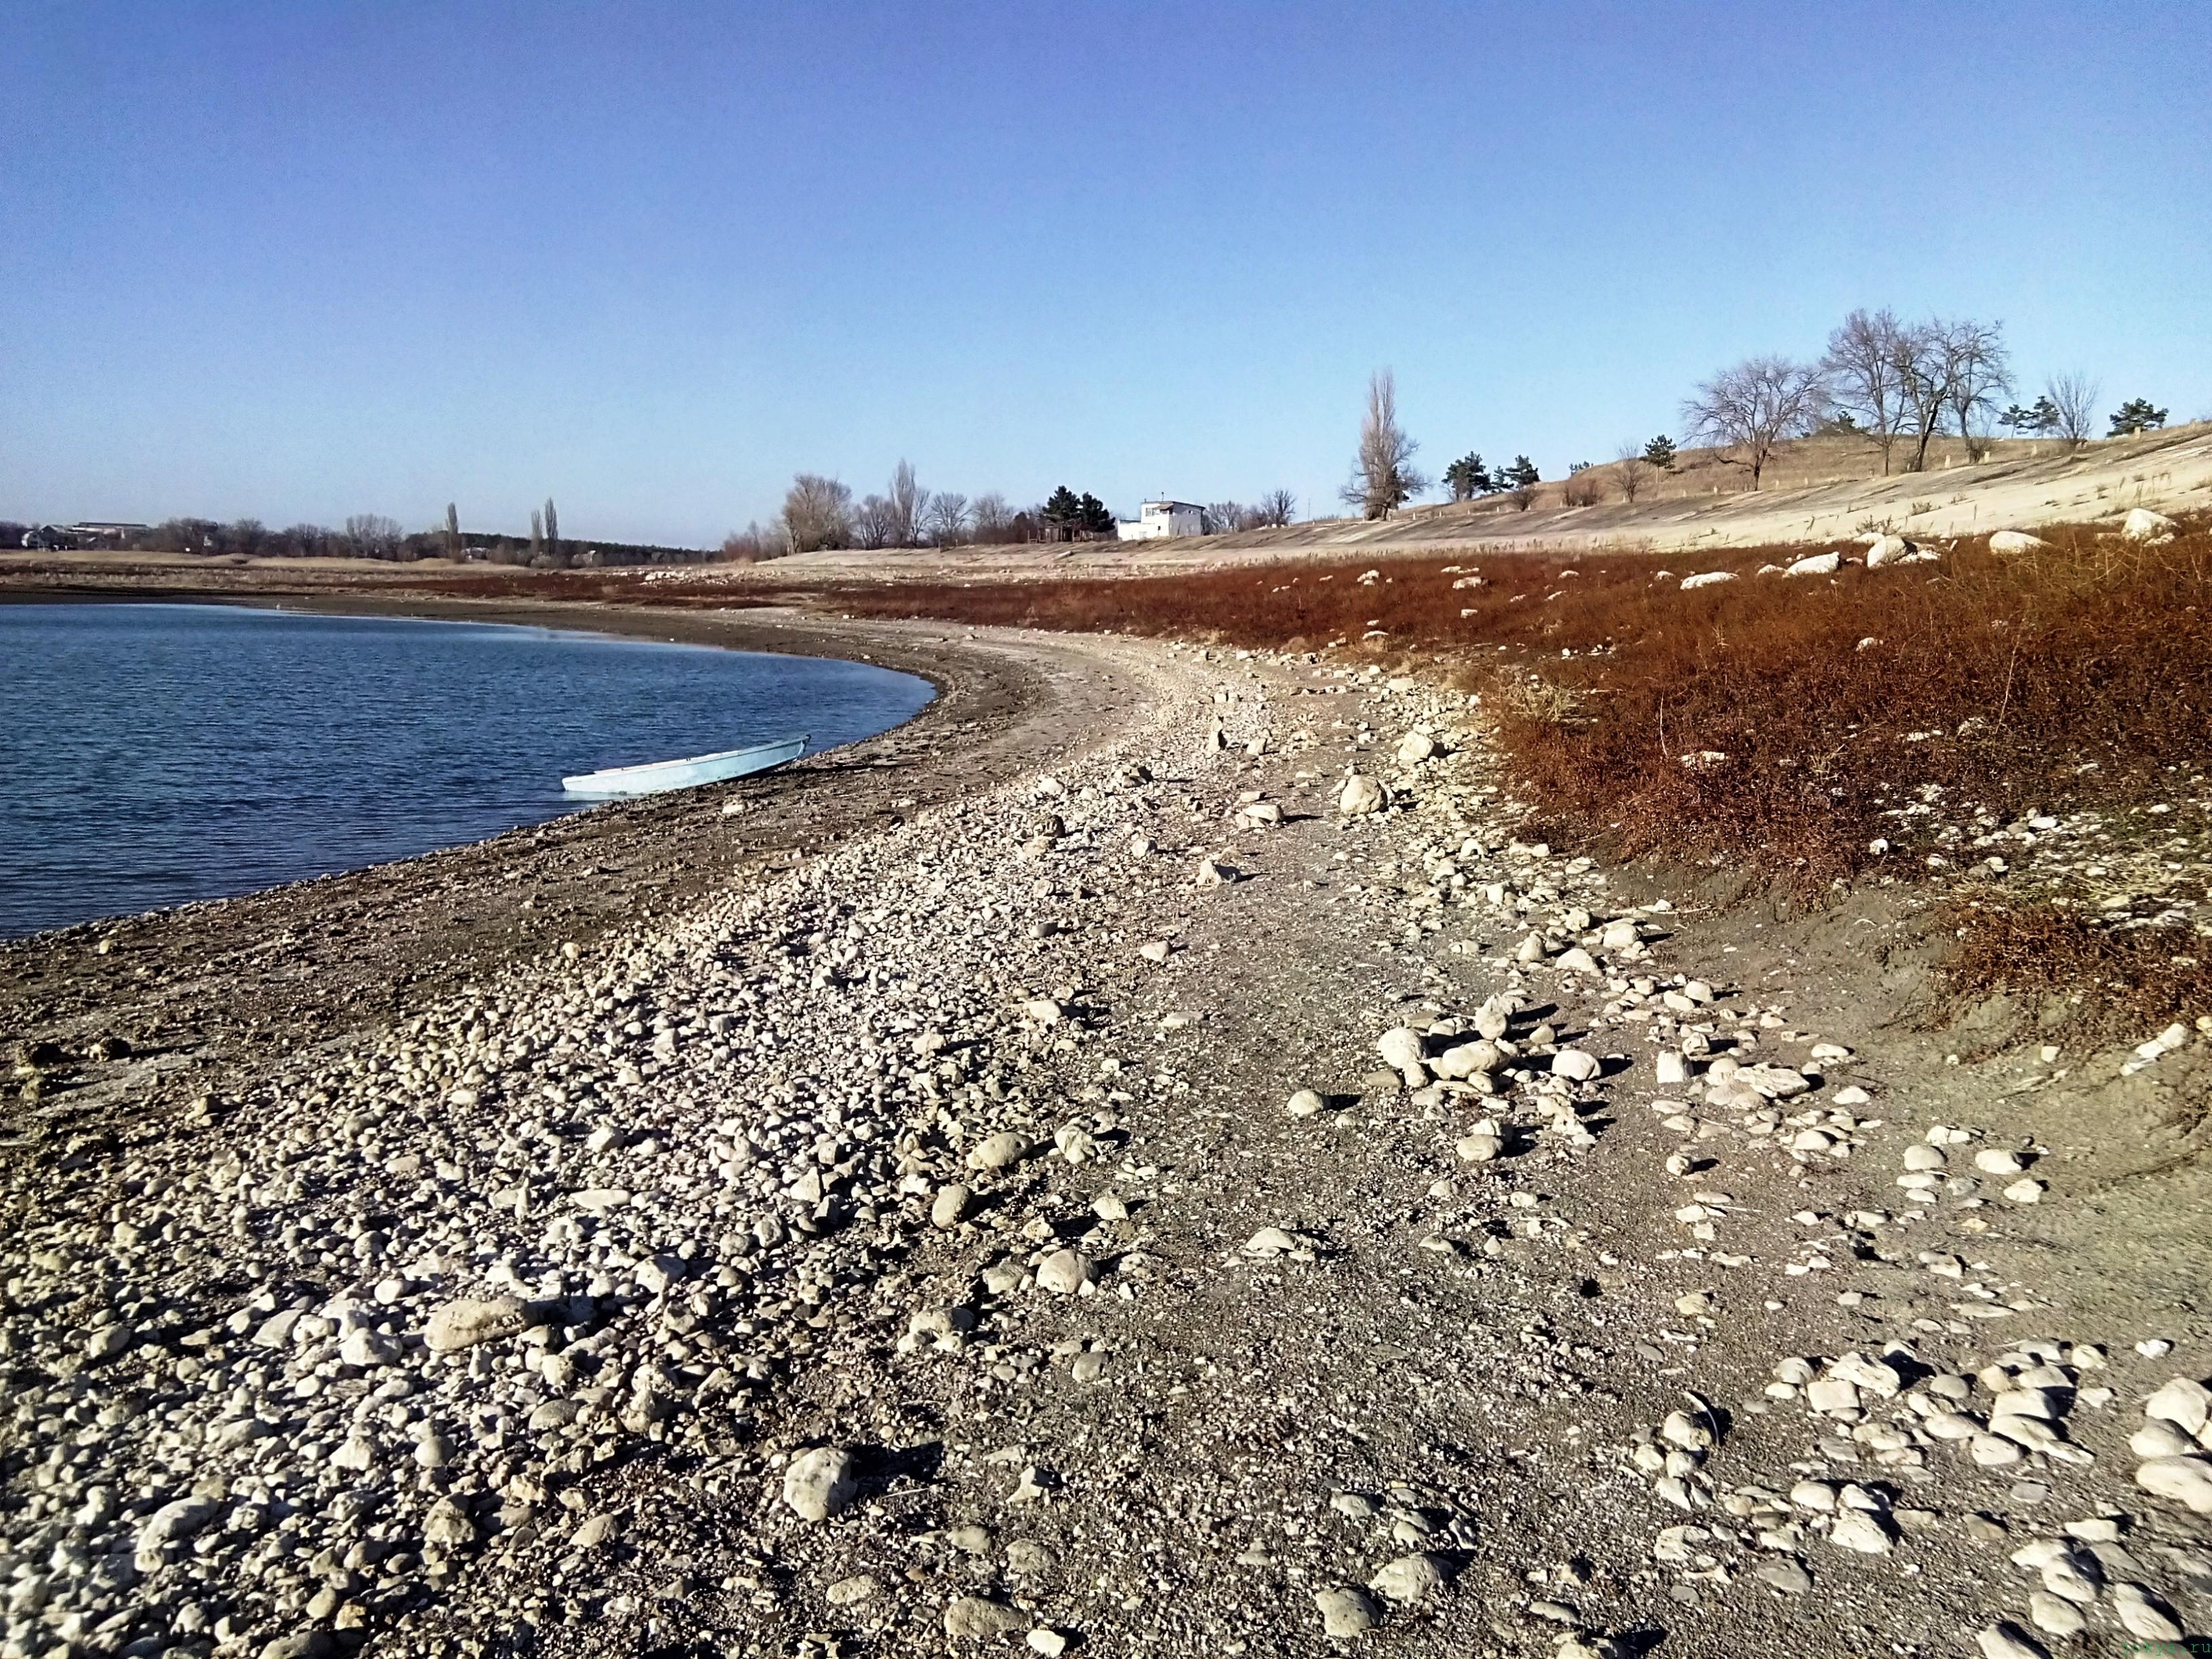 Тайганское водохранилище в ноябре 2016 фото заметка о реальности в Крыму jokya.ru